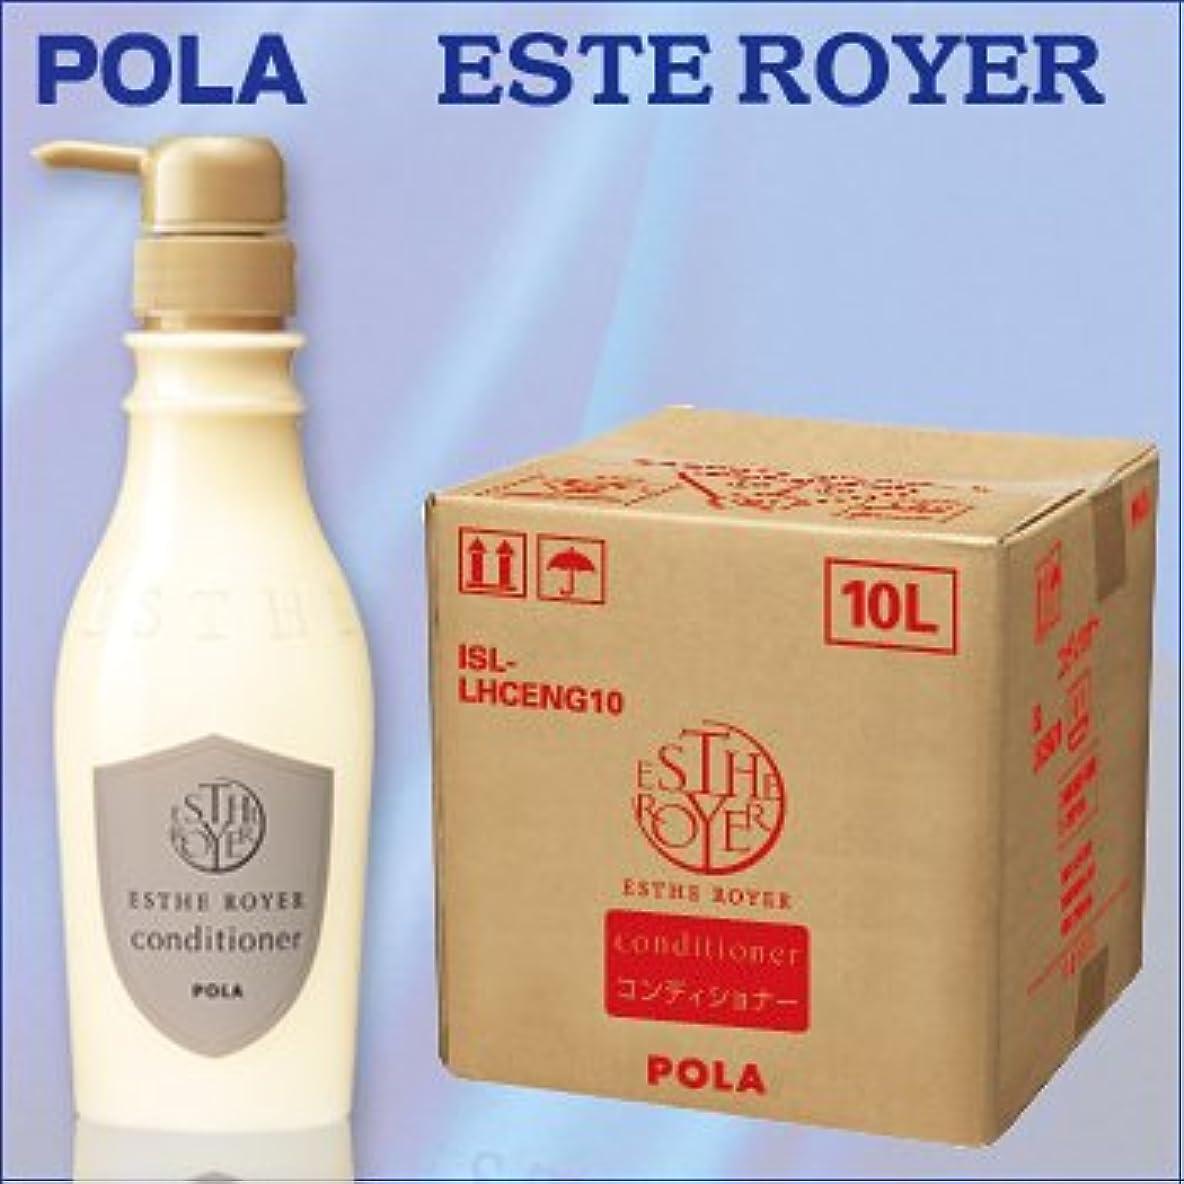 振幅リル回想POLAエステロワイエ業務用 コンディショナー 10L